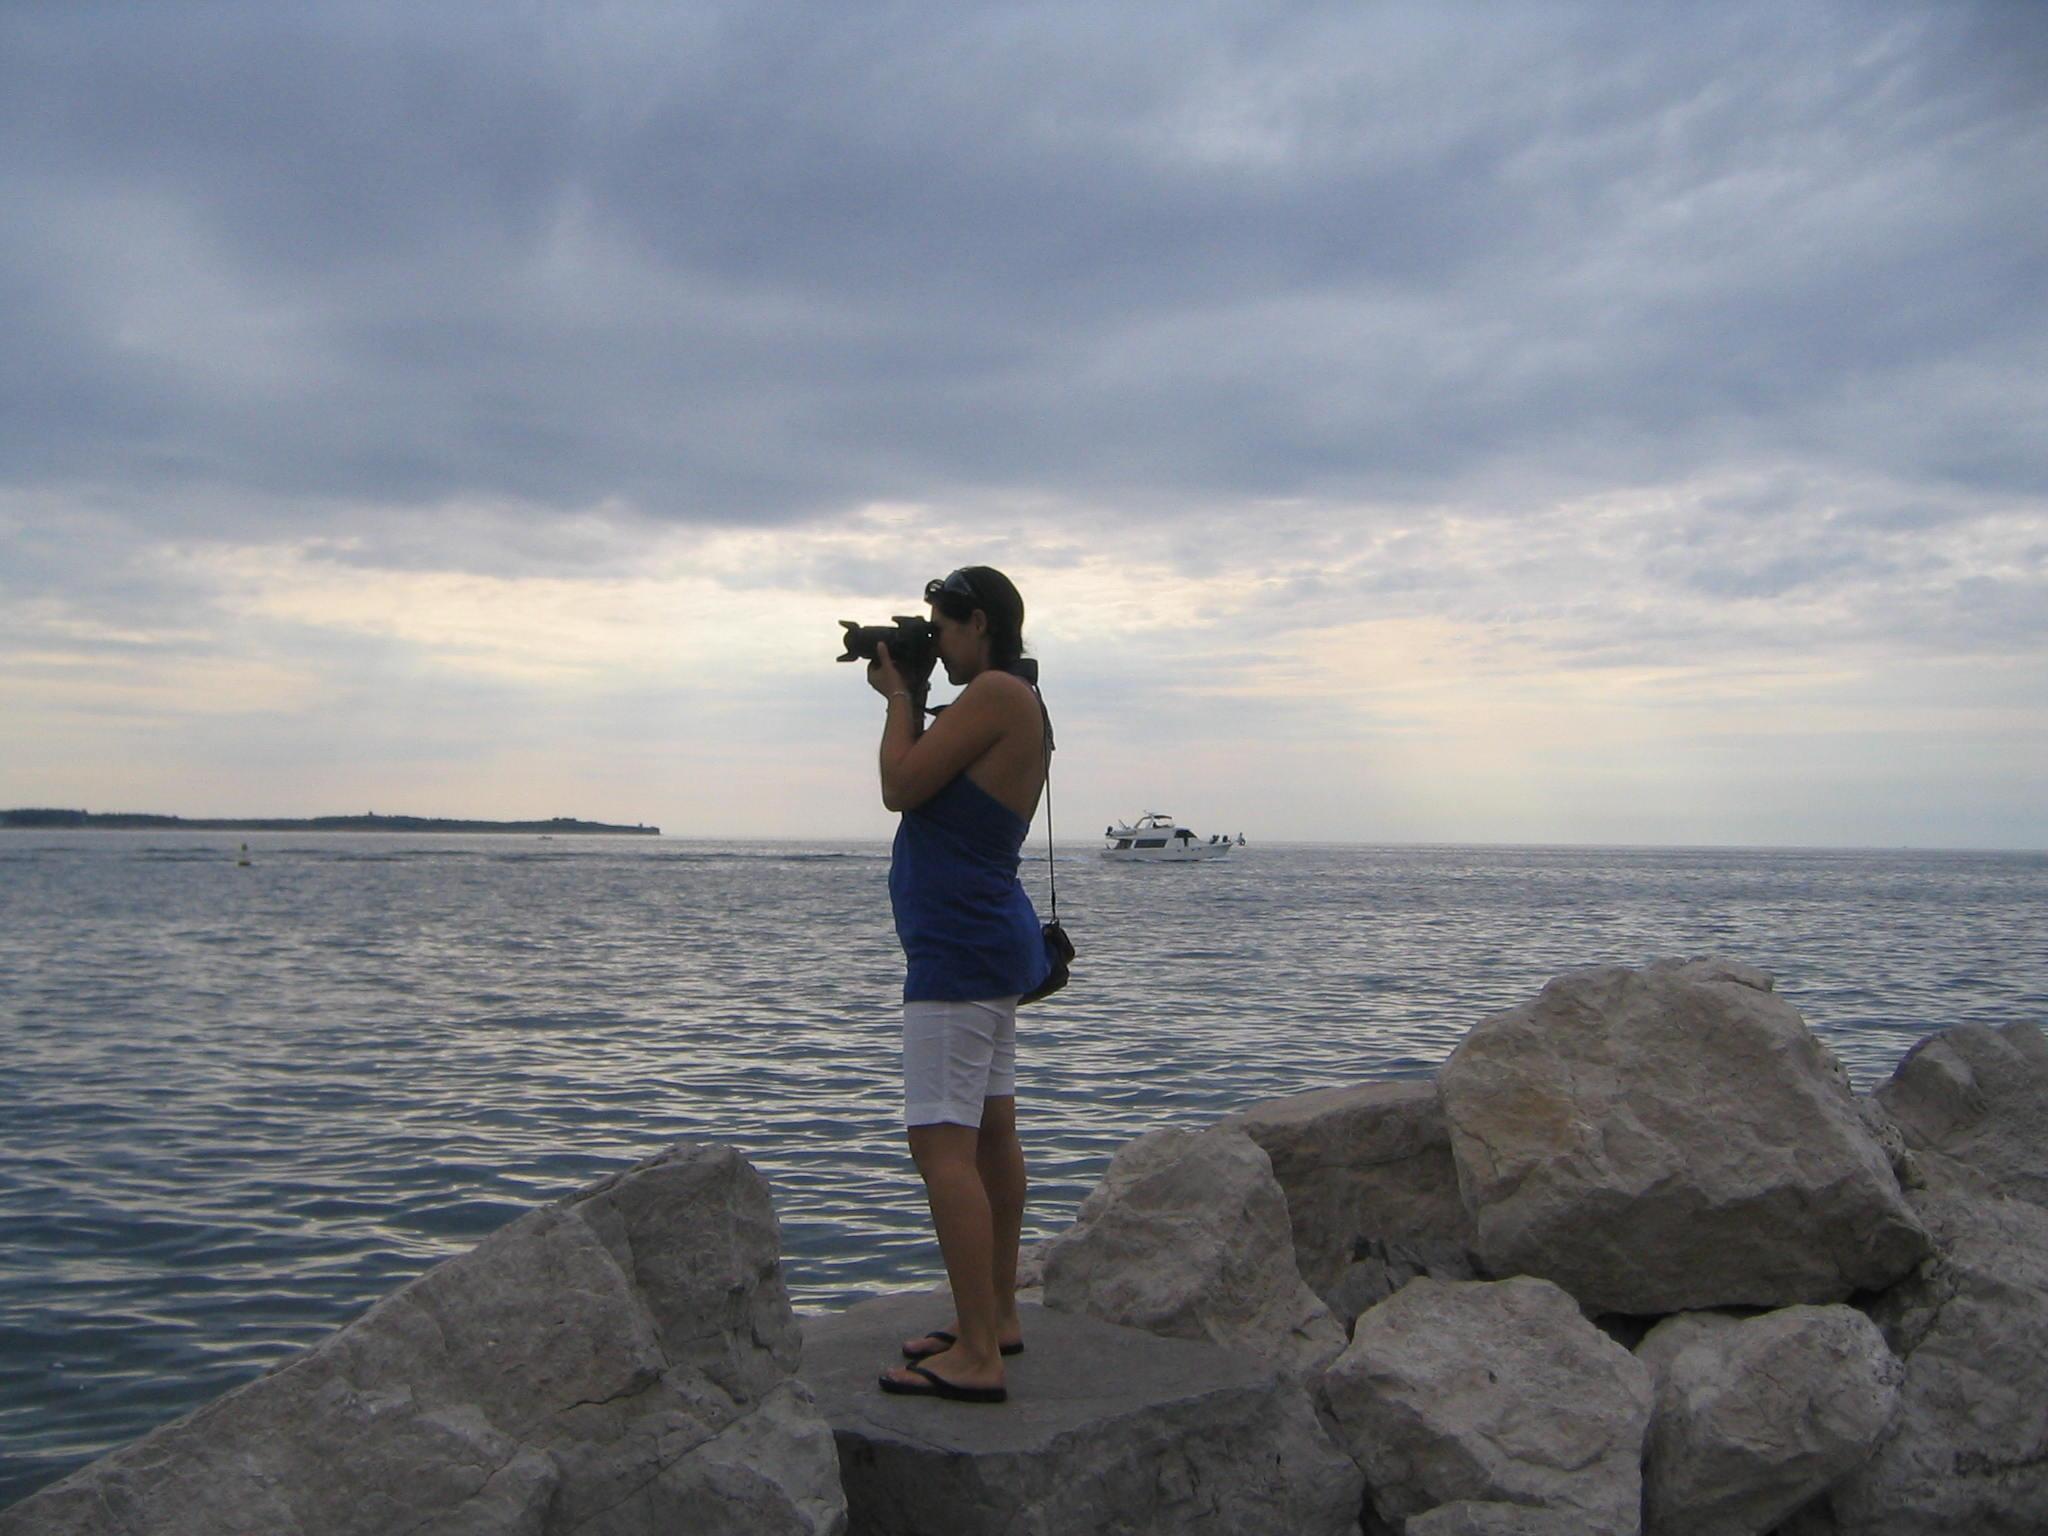 Reisebloggerin-Anita-Gailtal-on-tour